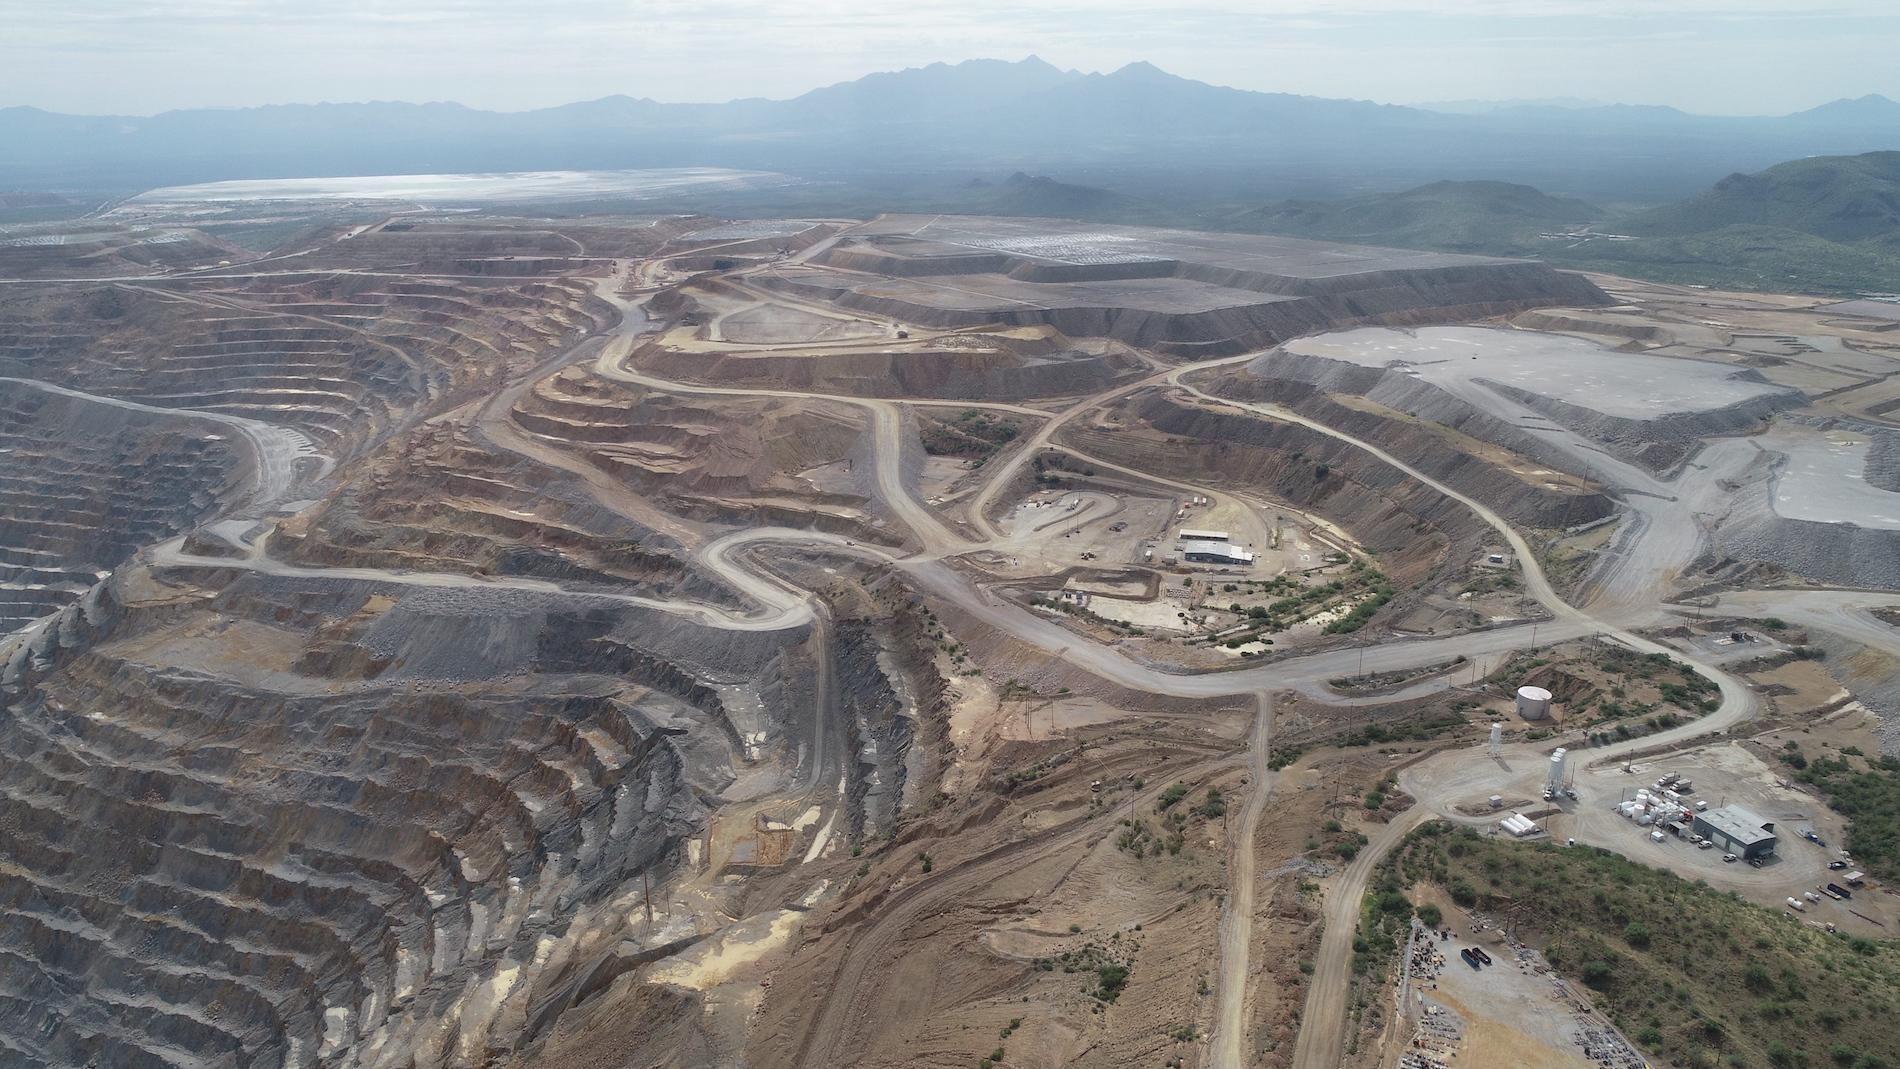 Freeport-McMoRan's Sierrita Mine